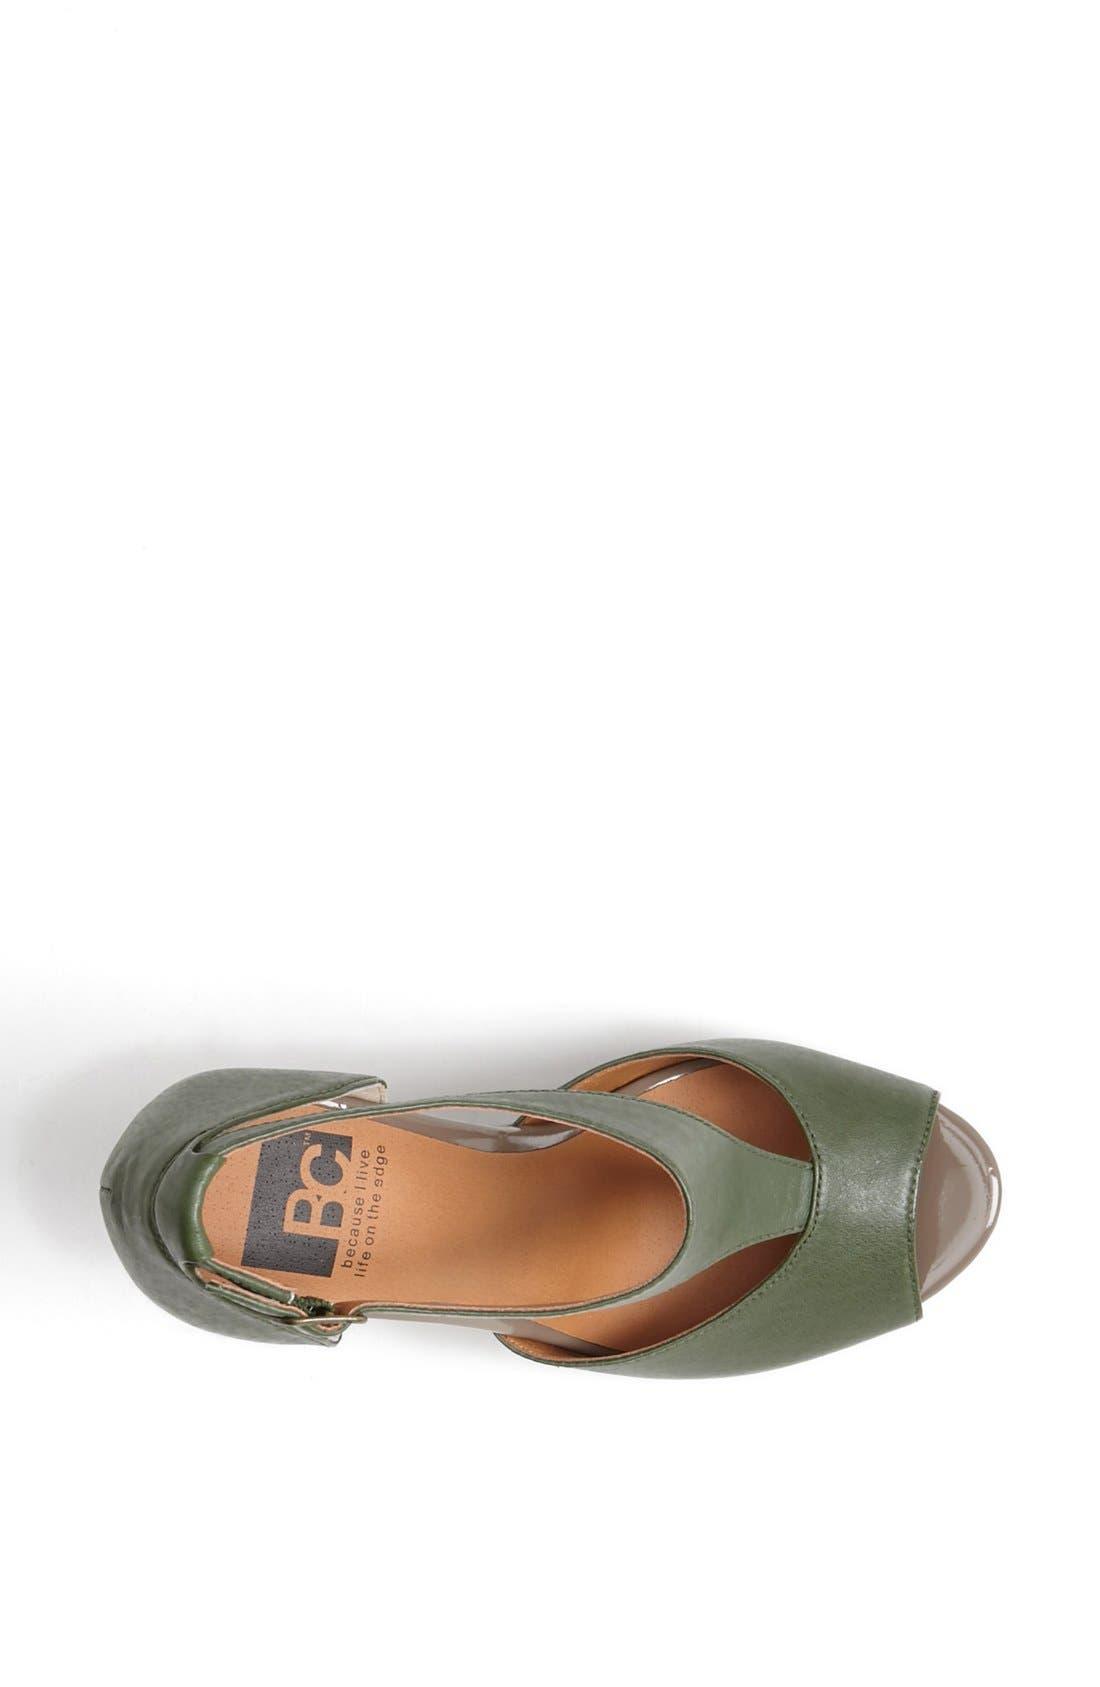 Alternate Image 3  - BC Footwear 'Lickety Split' Wedge Sandal